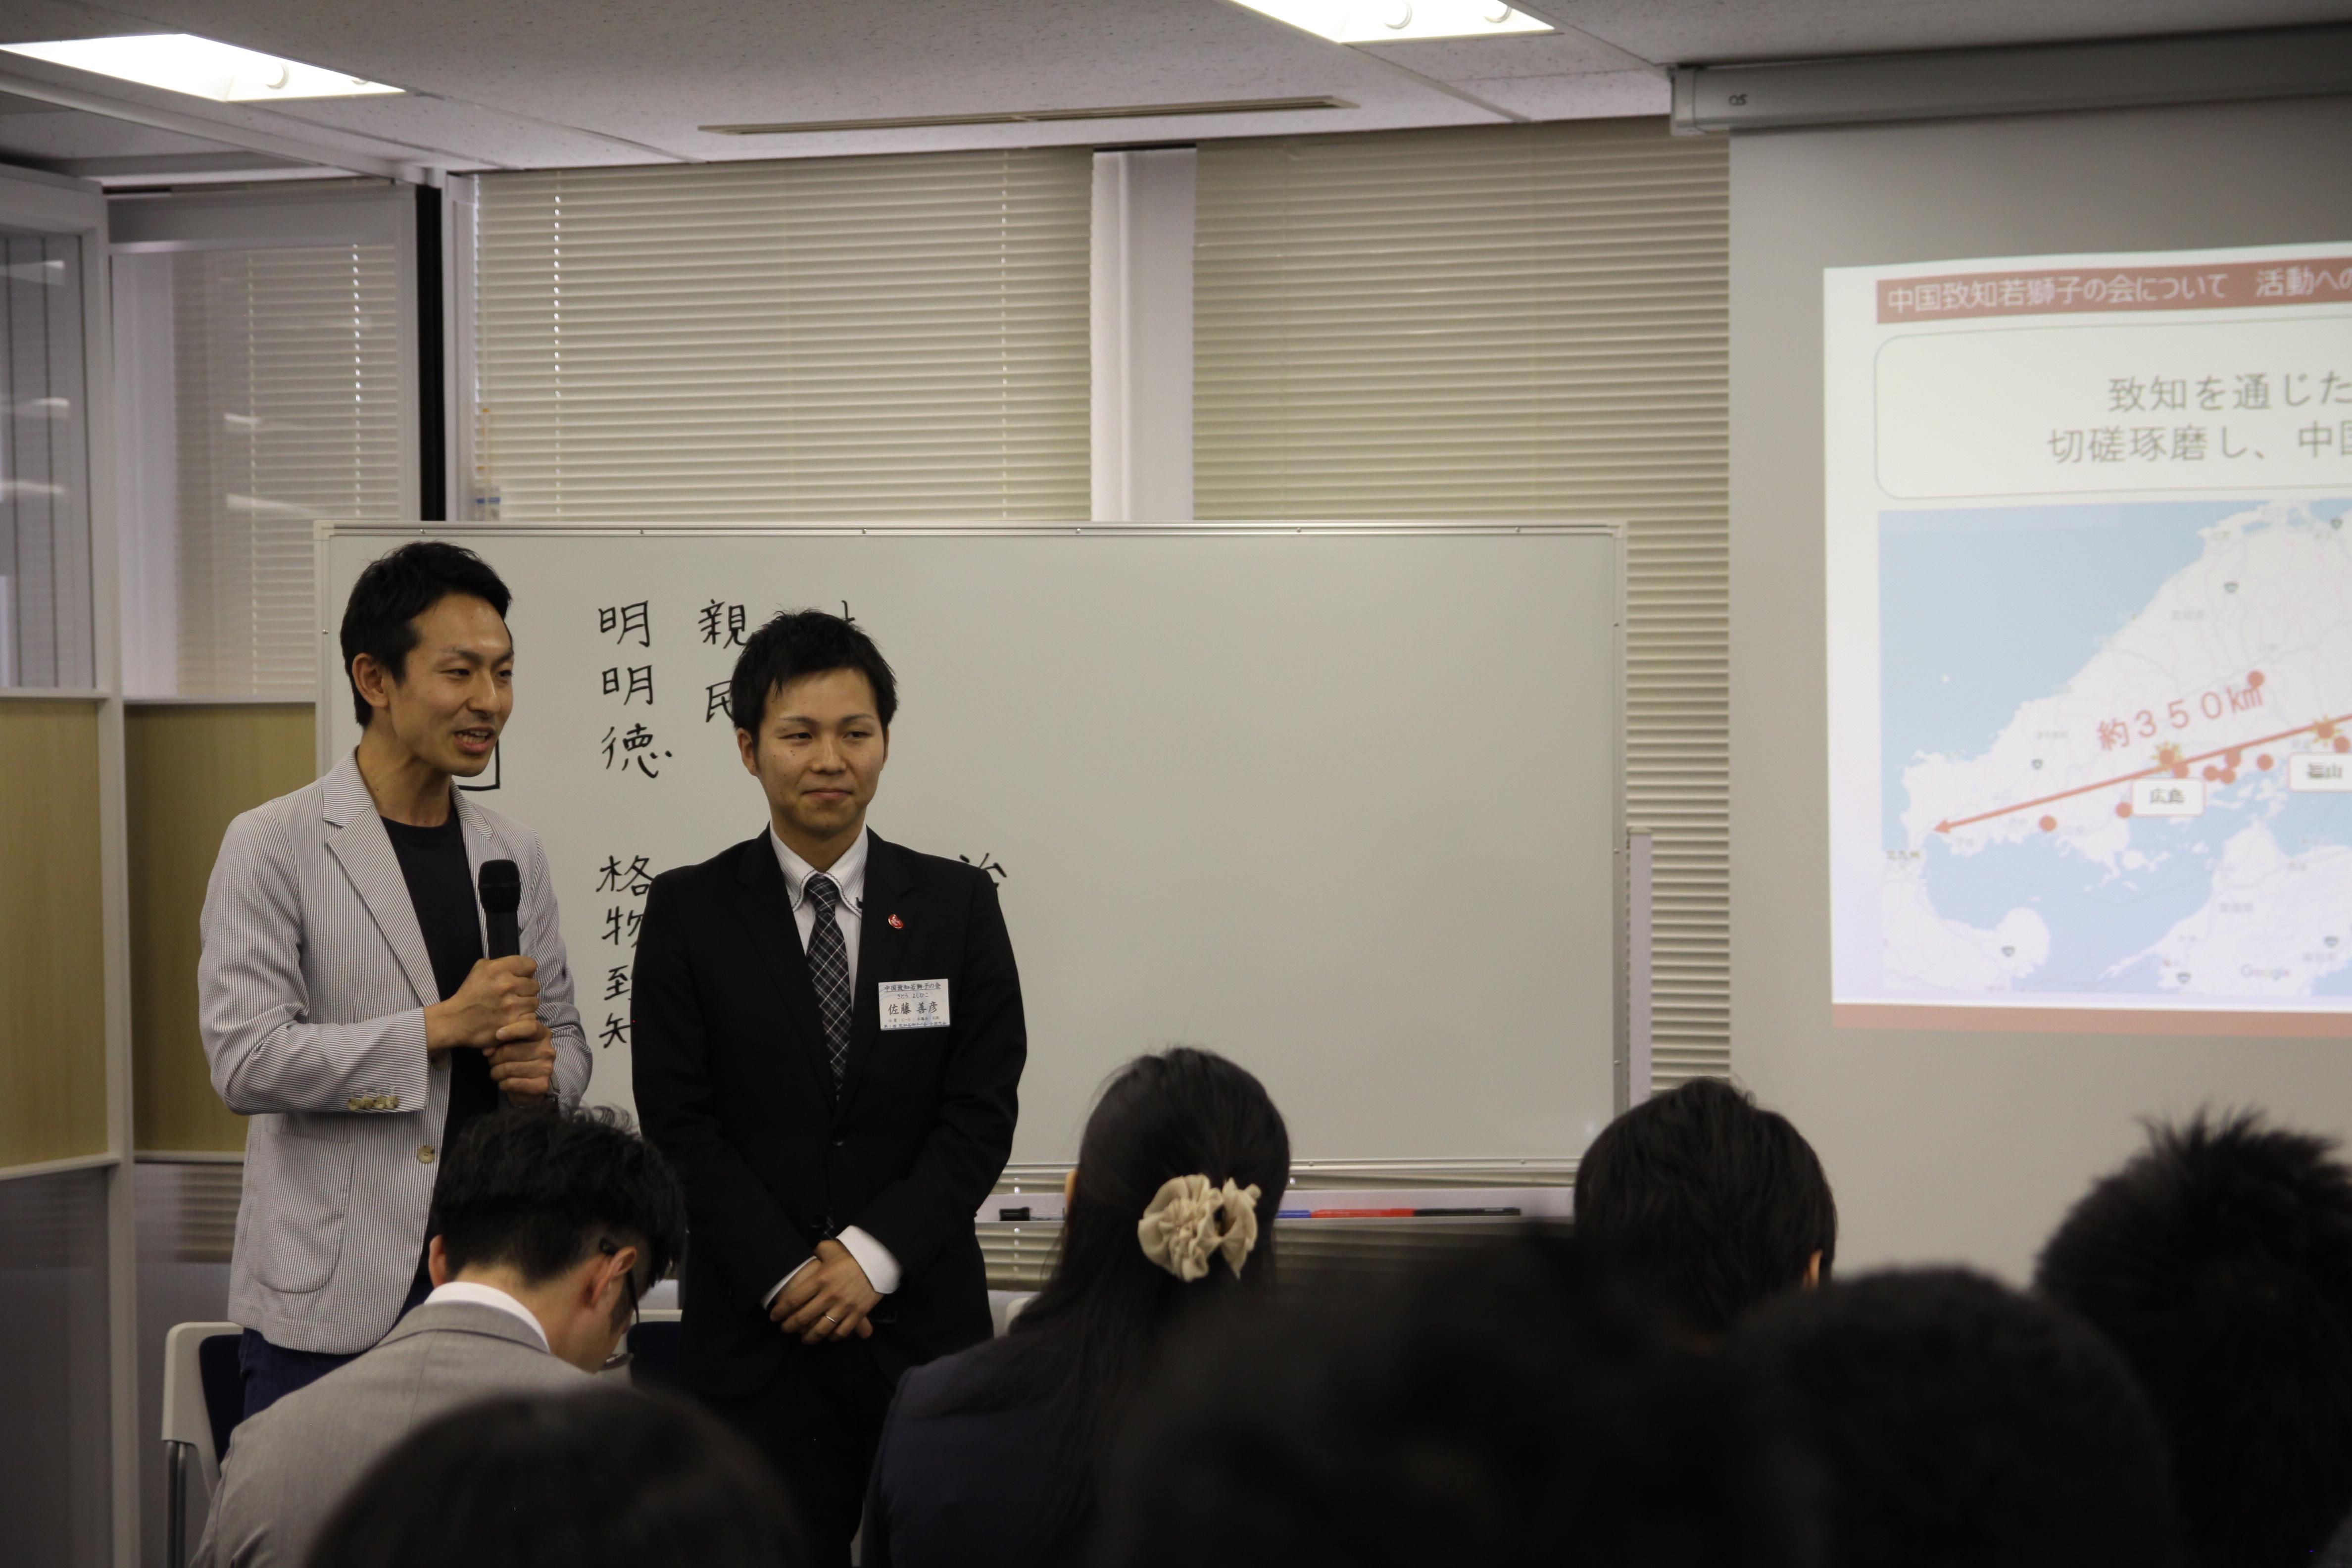 IMG 4686 - 関東若獅子の会、記念すべき第100回